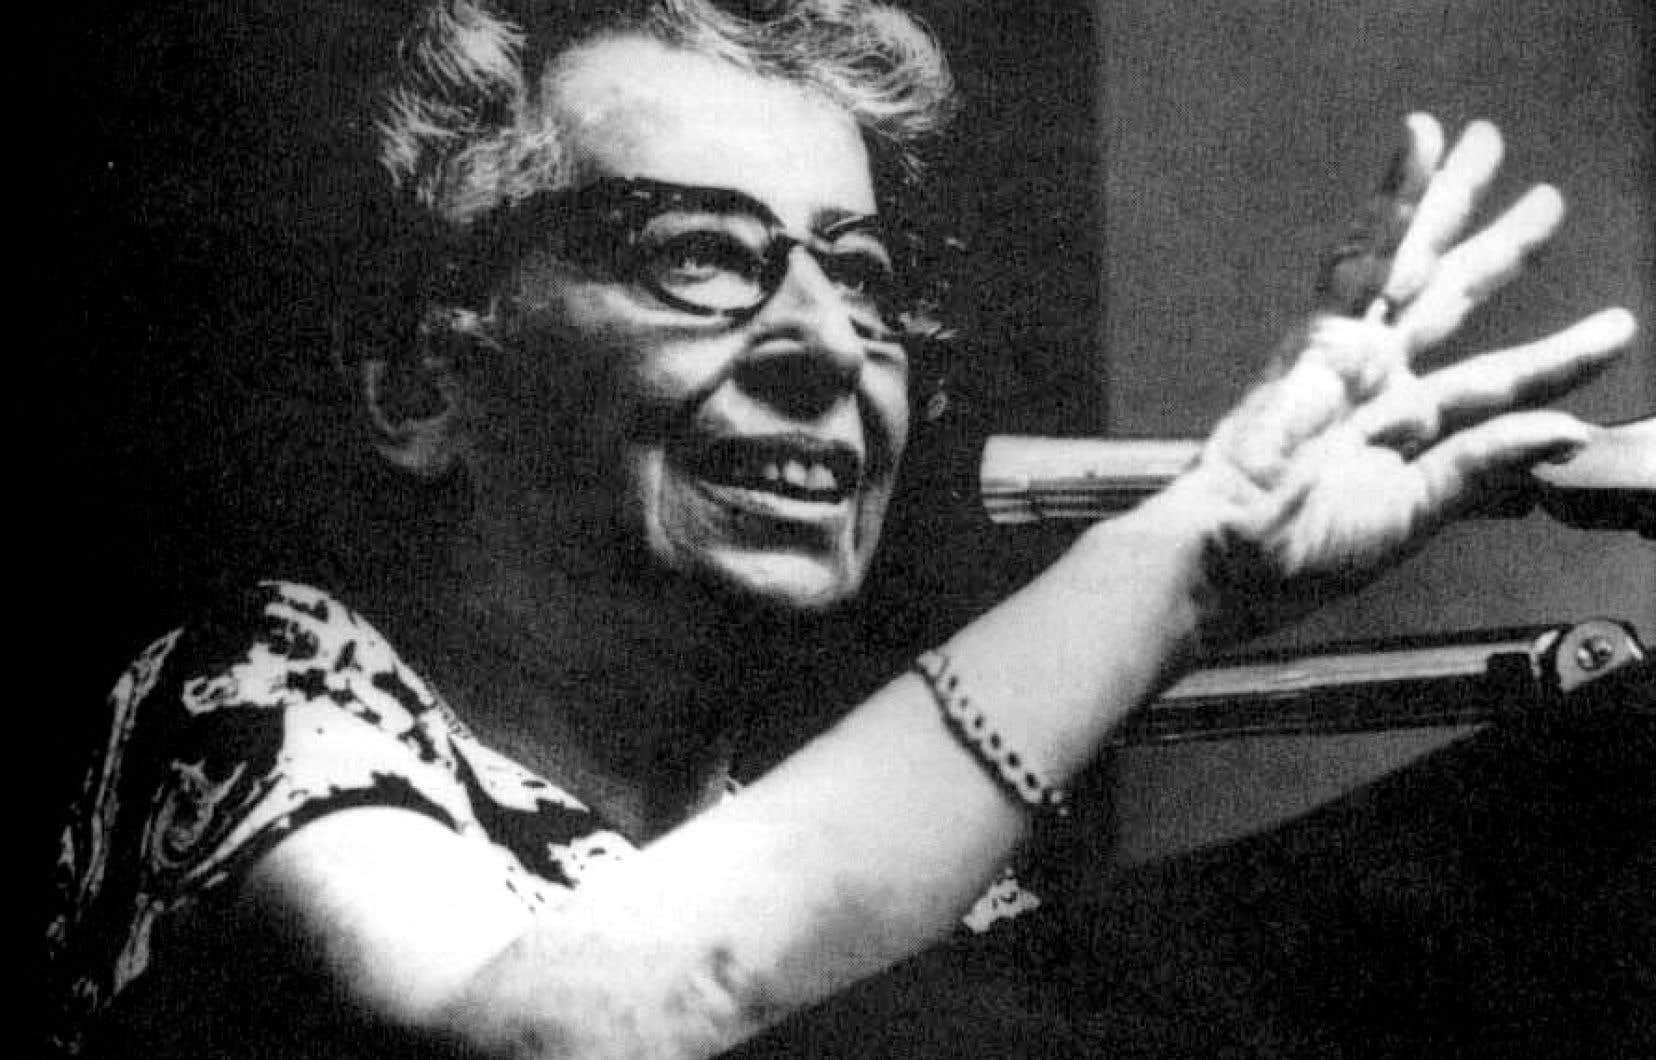 Les femmes philosophes ont souvent été réduites à leur statut de «compagnes de» ou de «maîtresse de», comme c'est le cas pour Hannah Arendt (en photo) et Simone de Beauvoir.